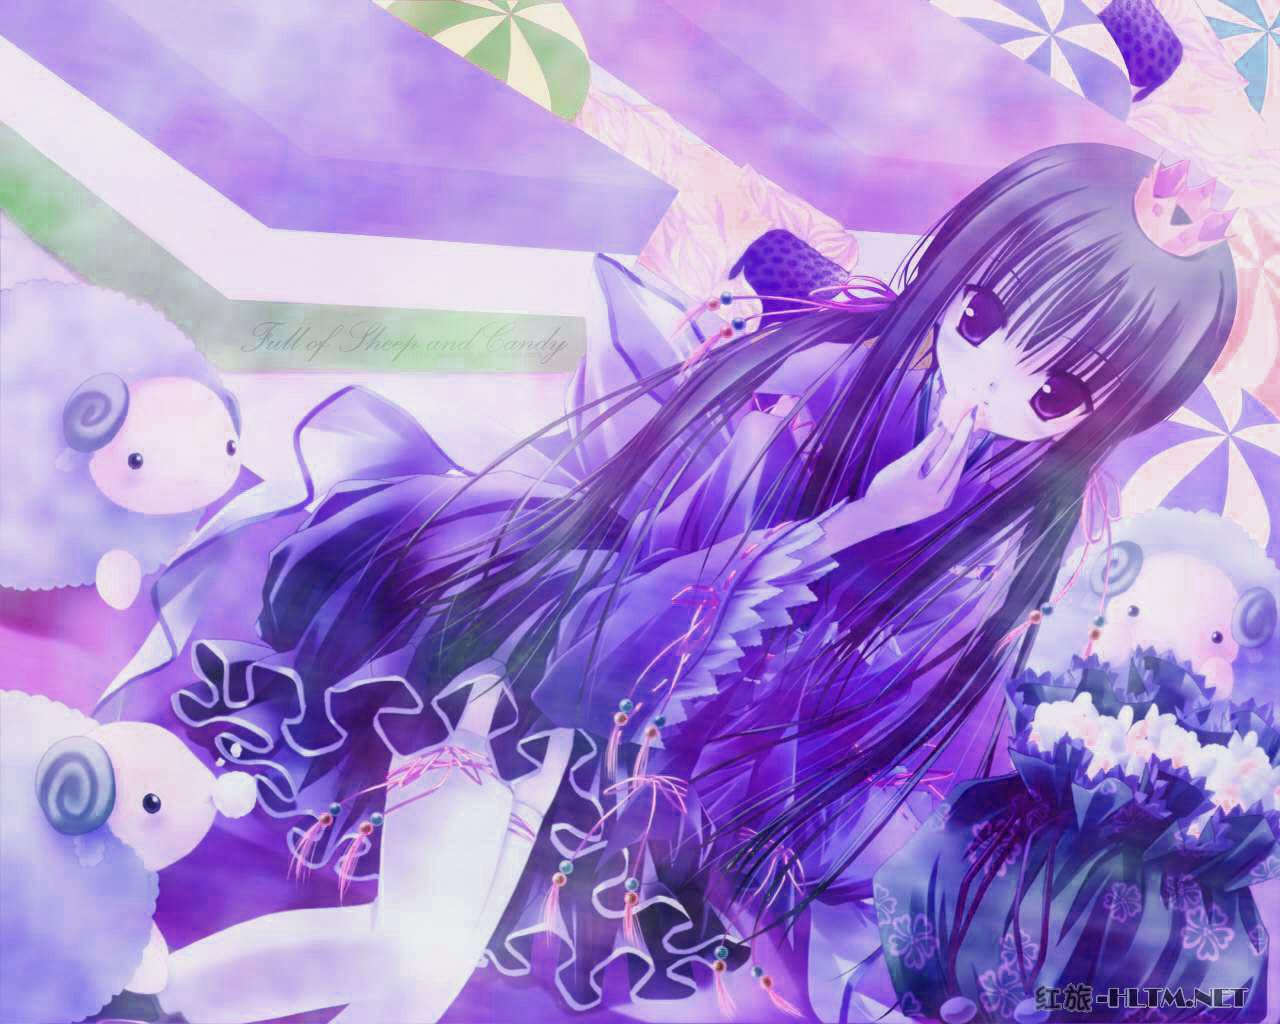 日本动漫图片 要那种女生爱看的